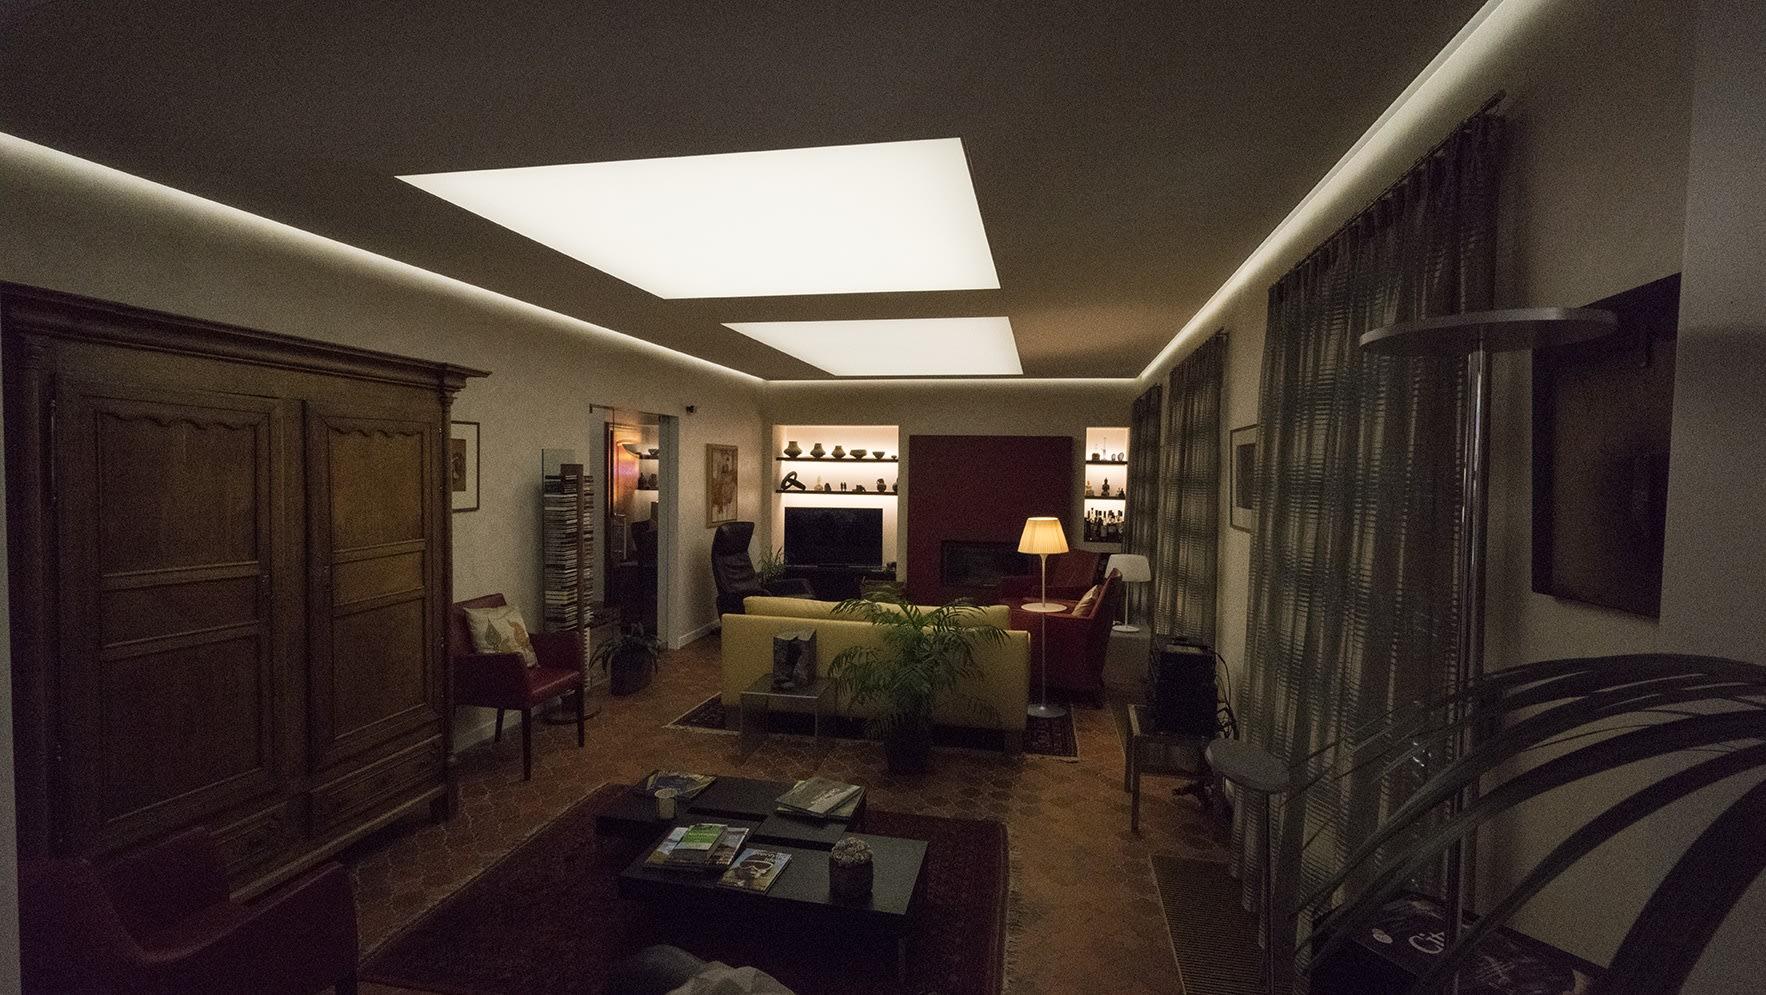 Wohnzimmer nachher Beleuchtungskonzept abgedunkelt